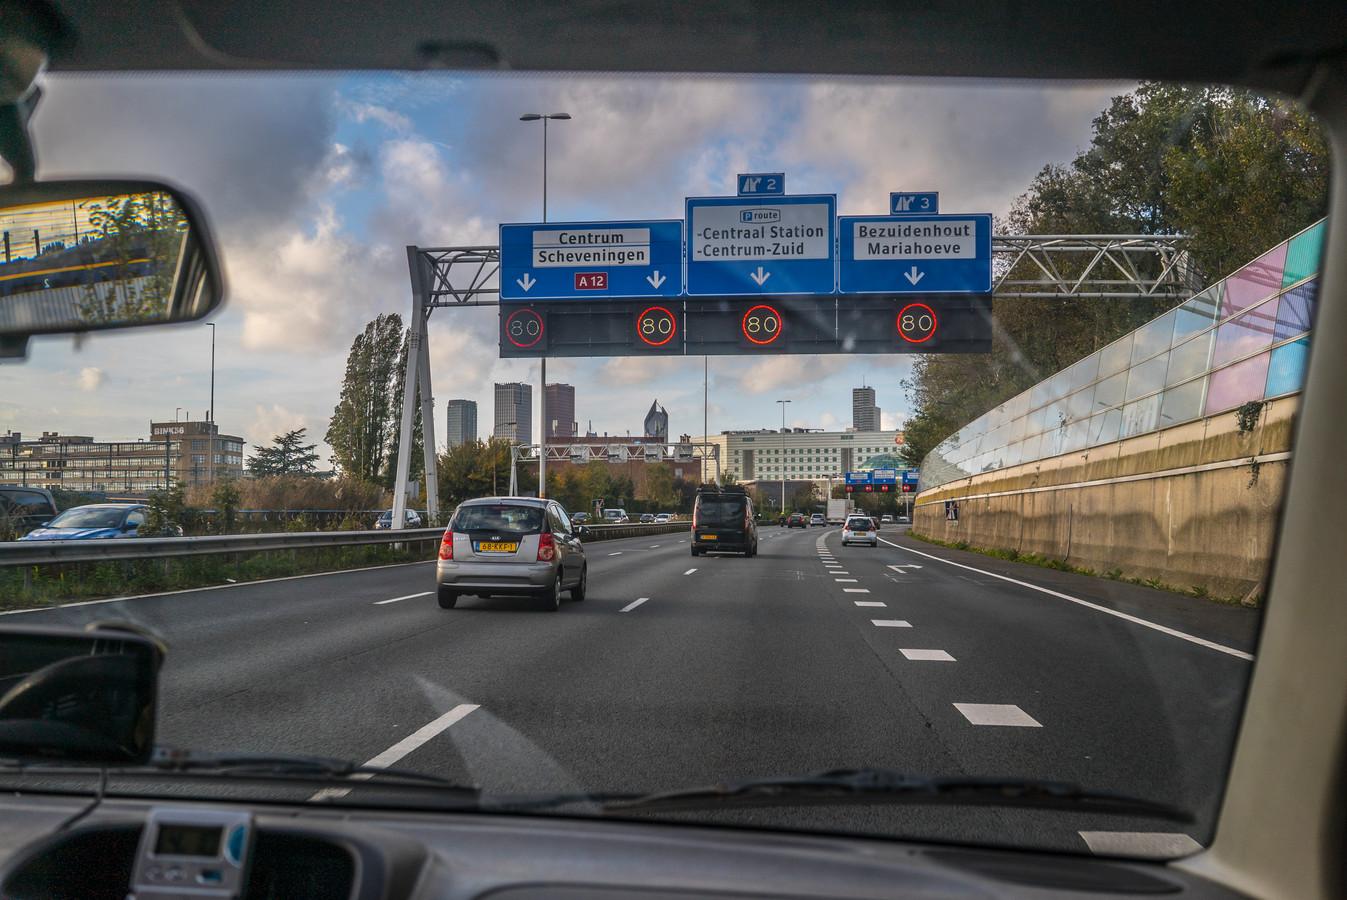 De A12 richting Den Haag kent een variatie aan snelheidslimieten. Leidschendam-Voorburg pleit voor standaard 100 km.